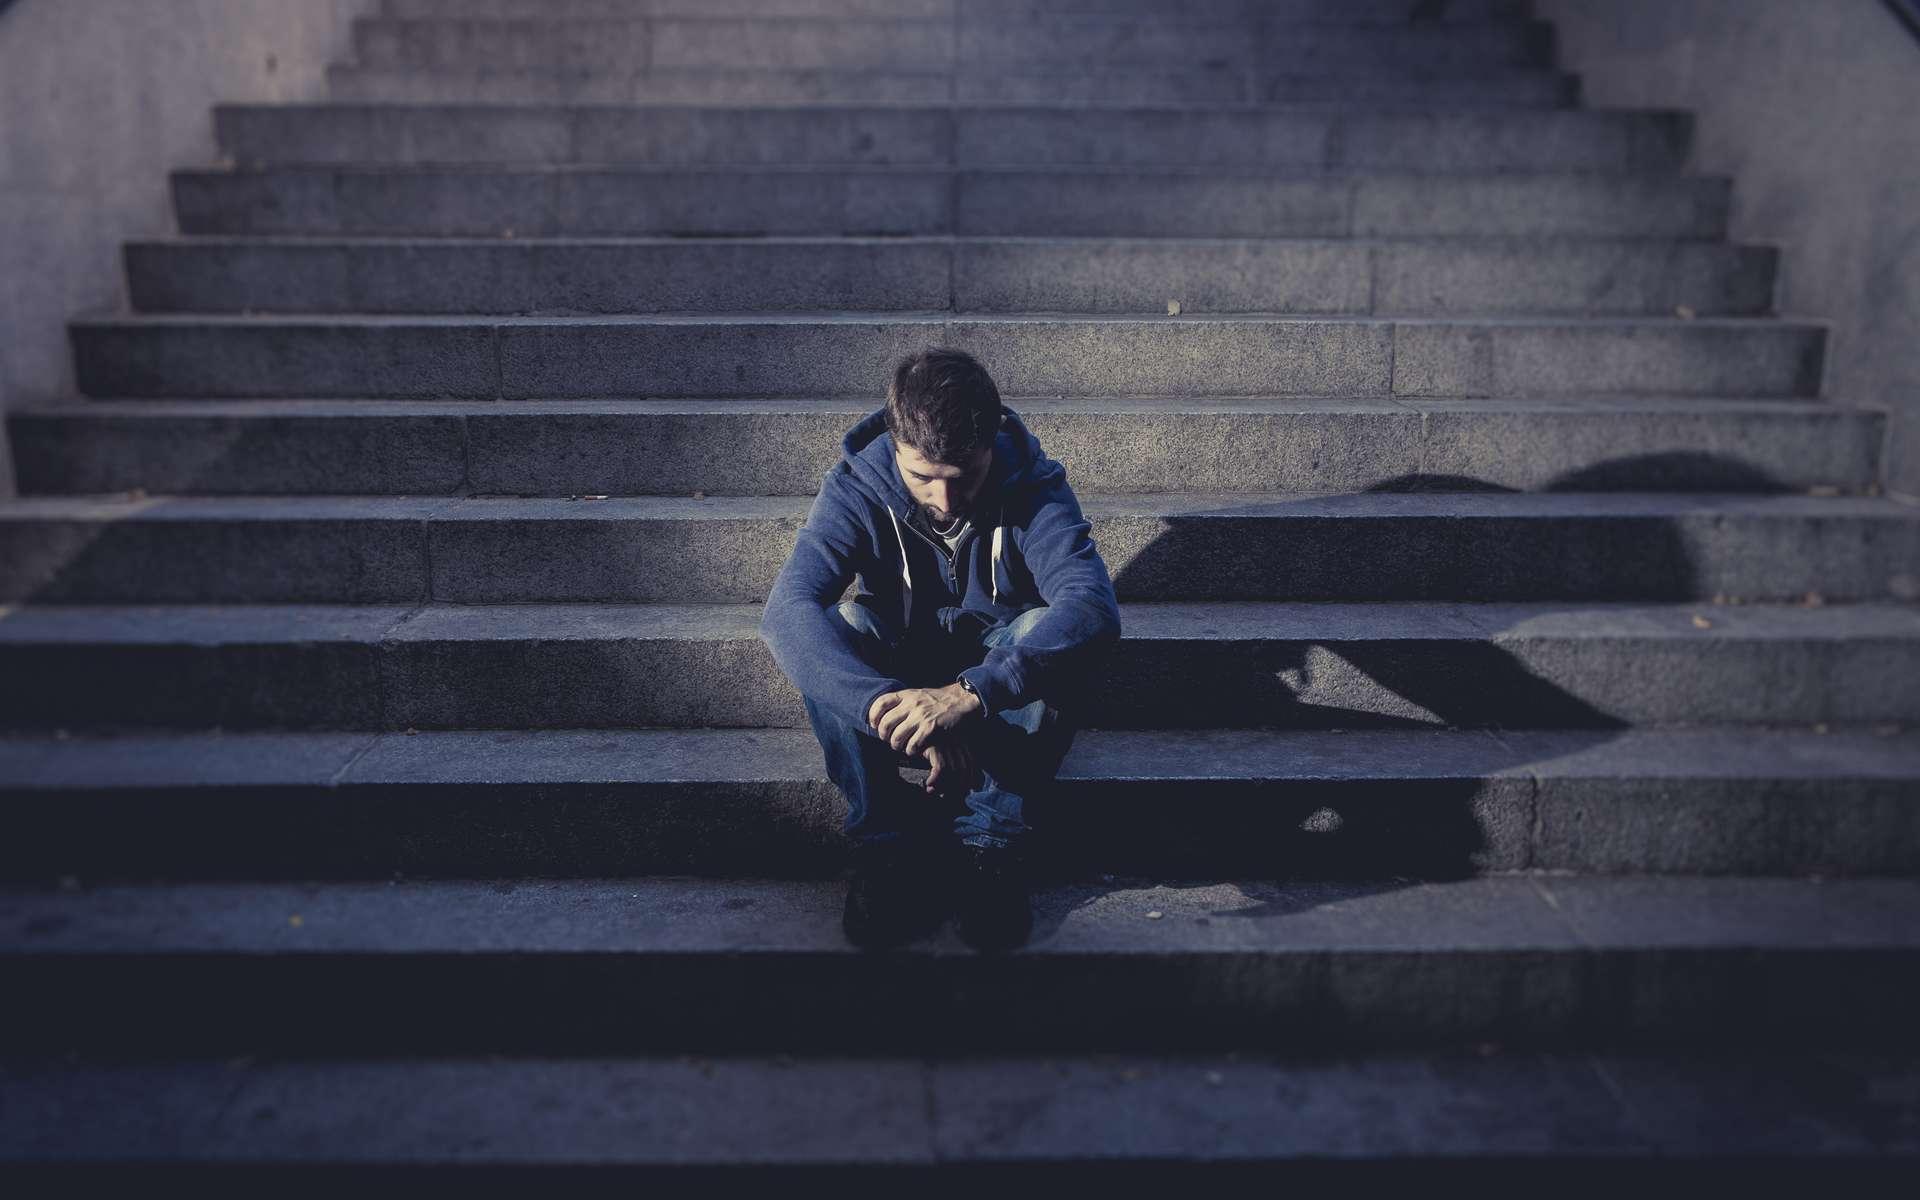 La solastalgie peut prendre diverses formes, allant de l'insomnie à la dépression. © Wordley Calvo Stock, Adobe Stock